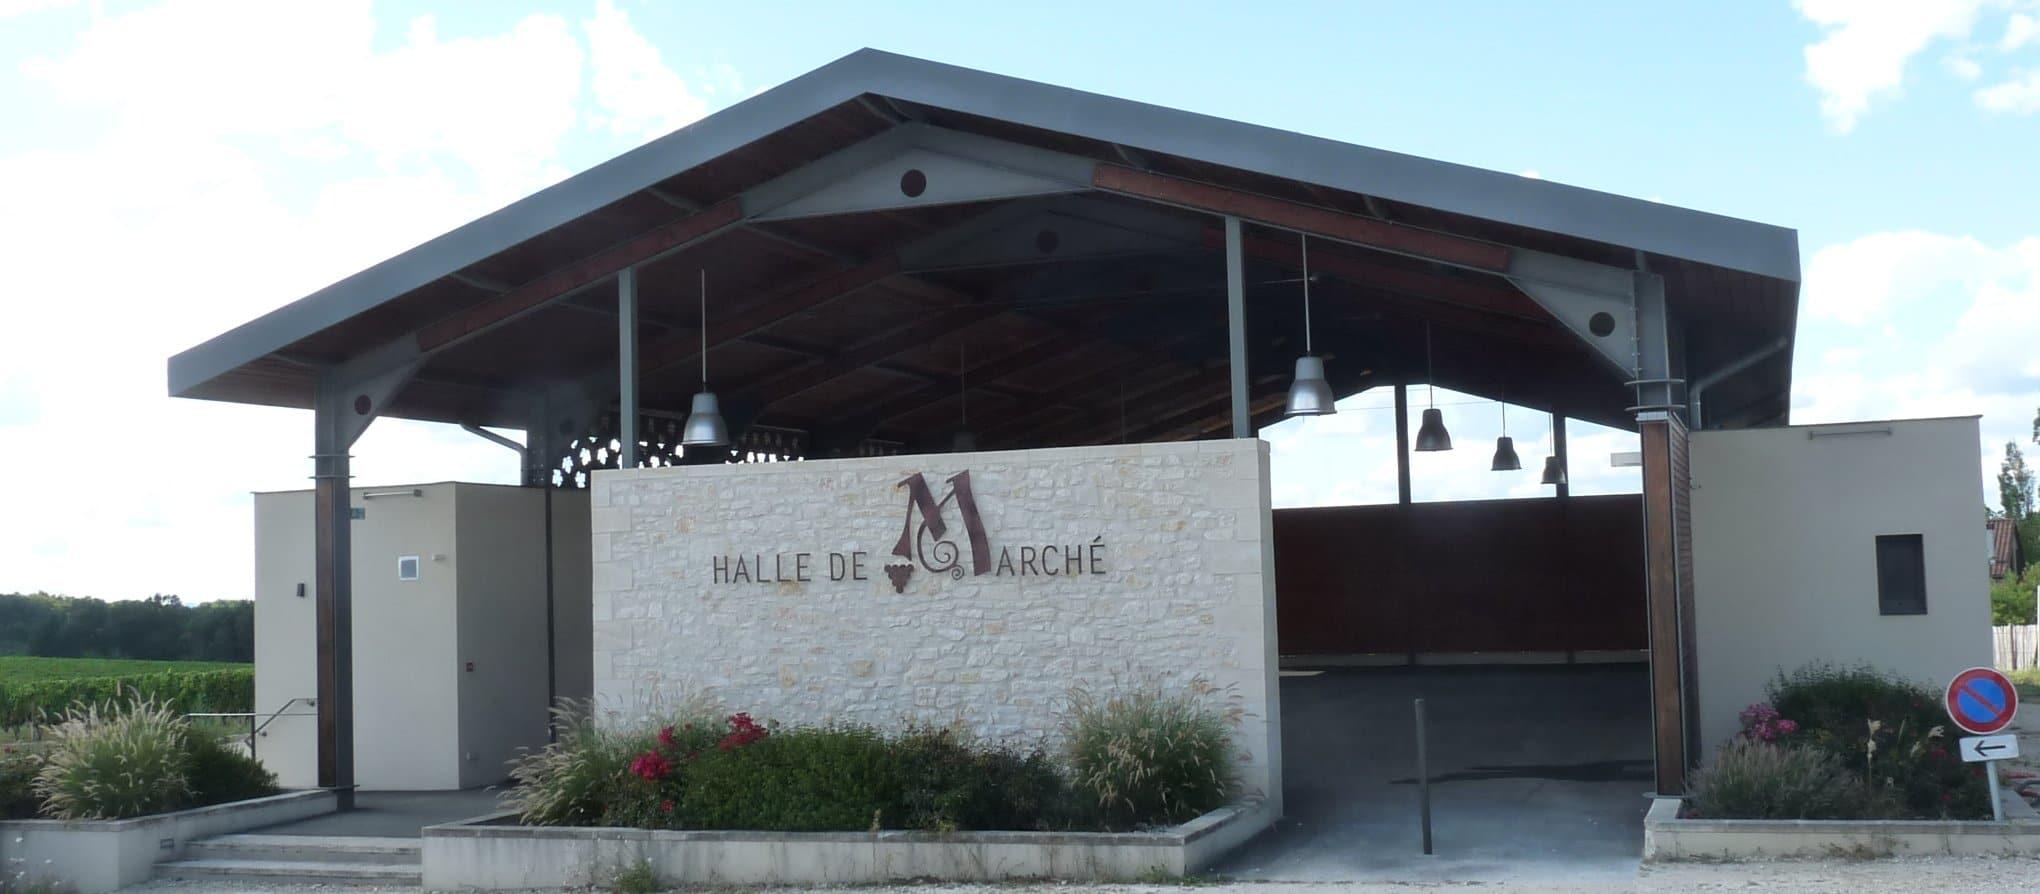 Halle Marche Monbazillac